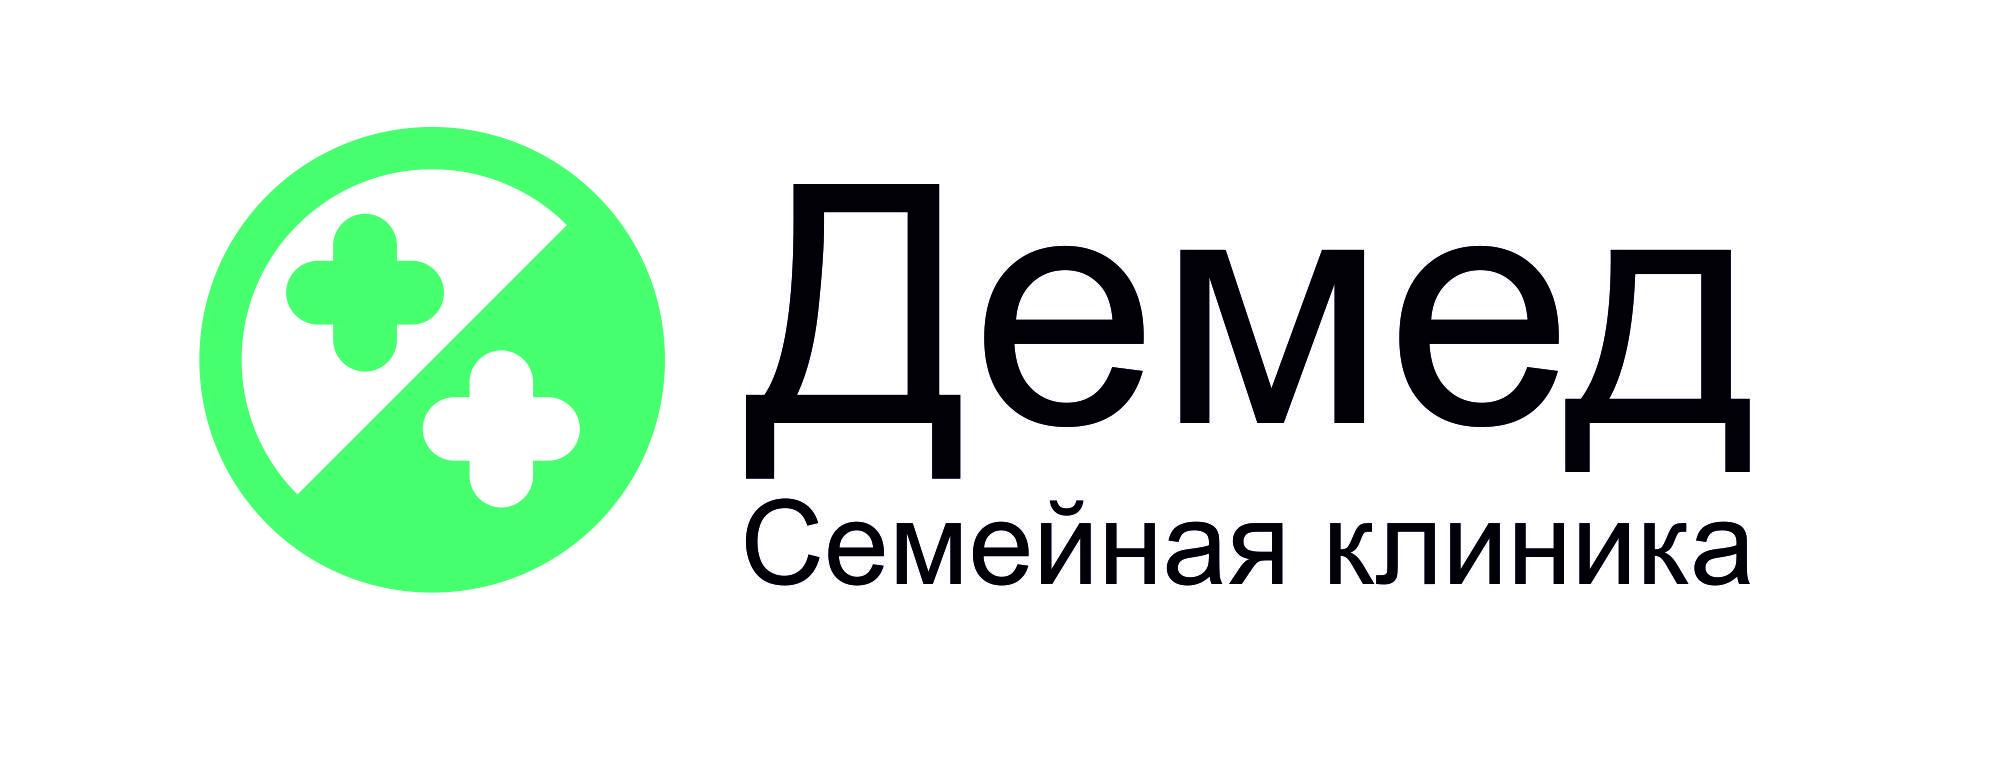 Логотип медицинского центра фото f_4205dcdac3fe904b.jpg